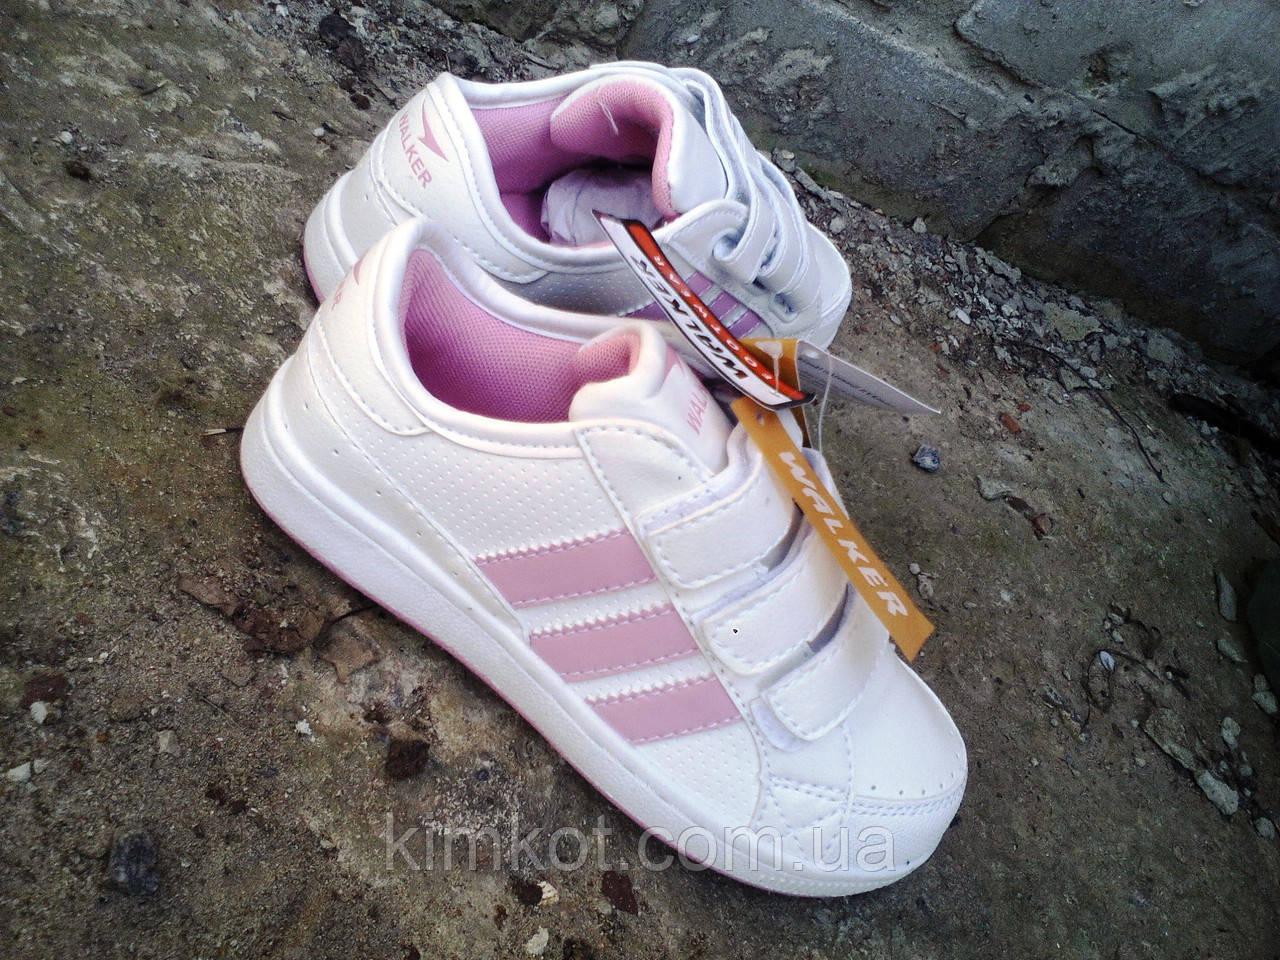 421b42e1 Детские белые кроссовки для девочки с 31 по 36 размер - Интернет-Магазин